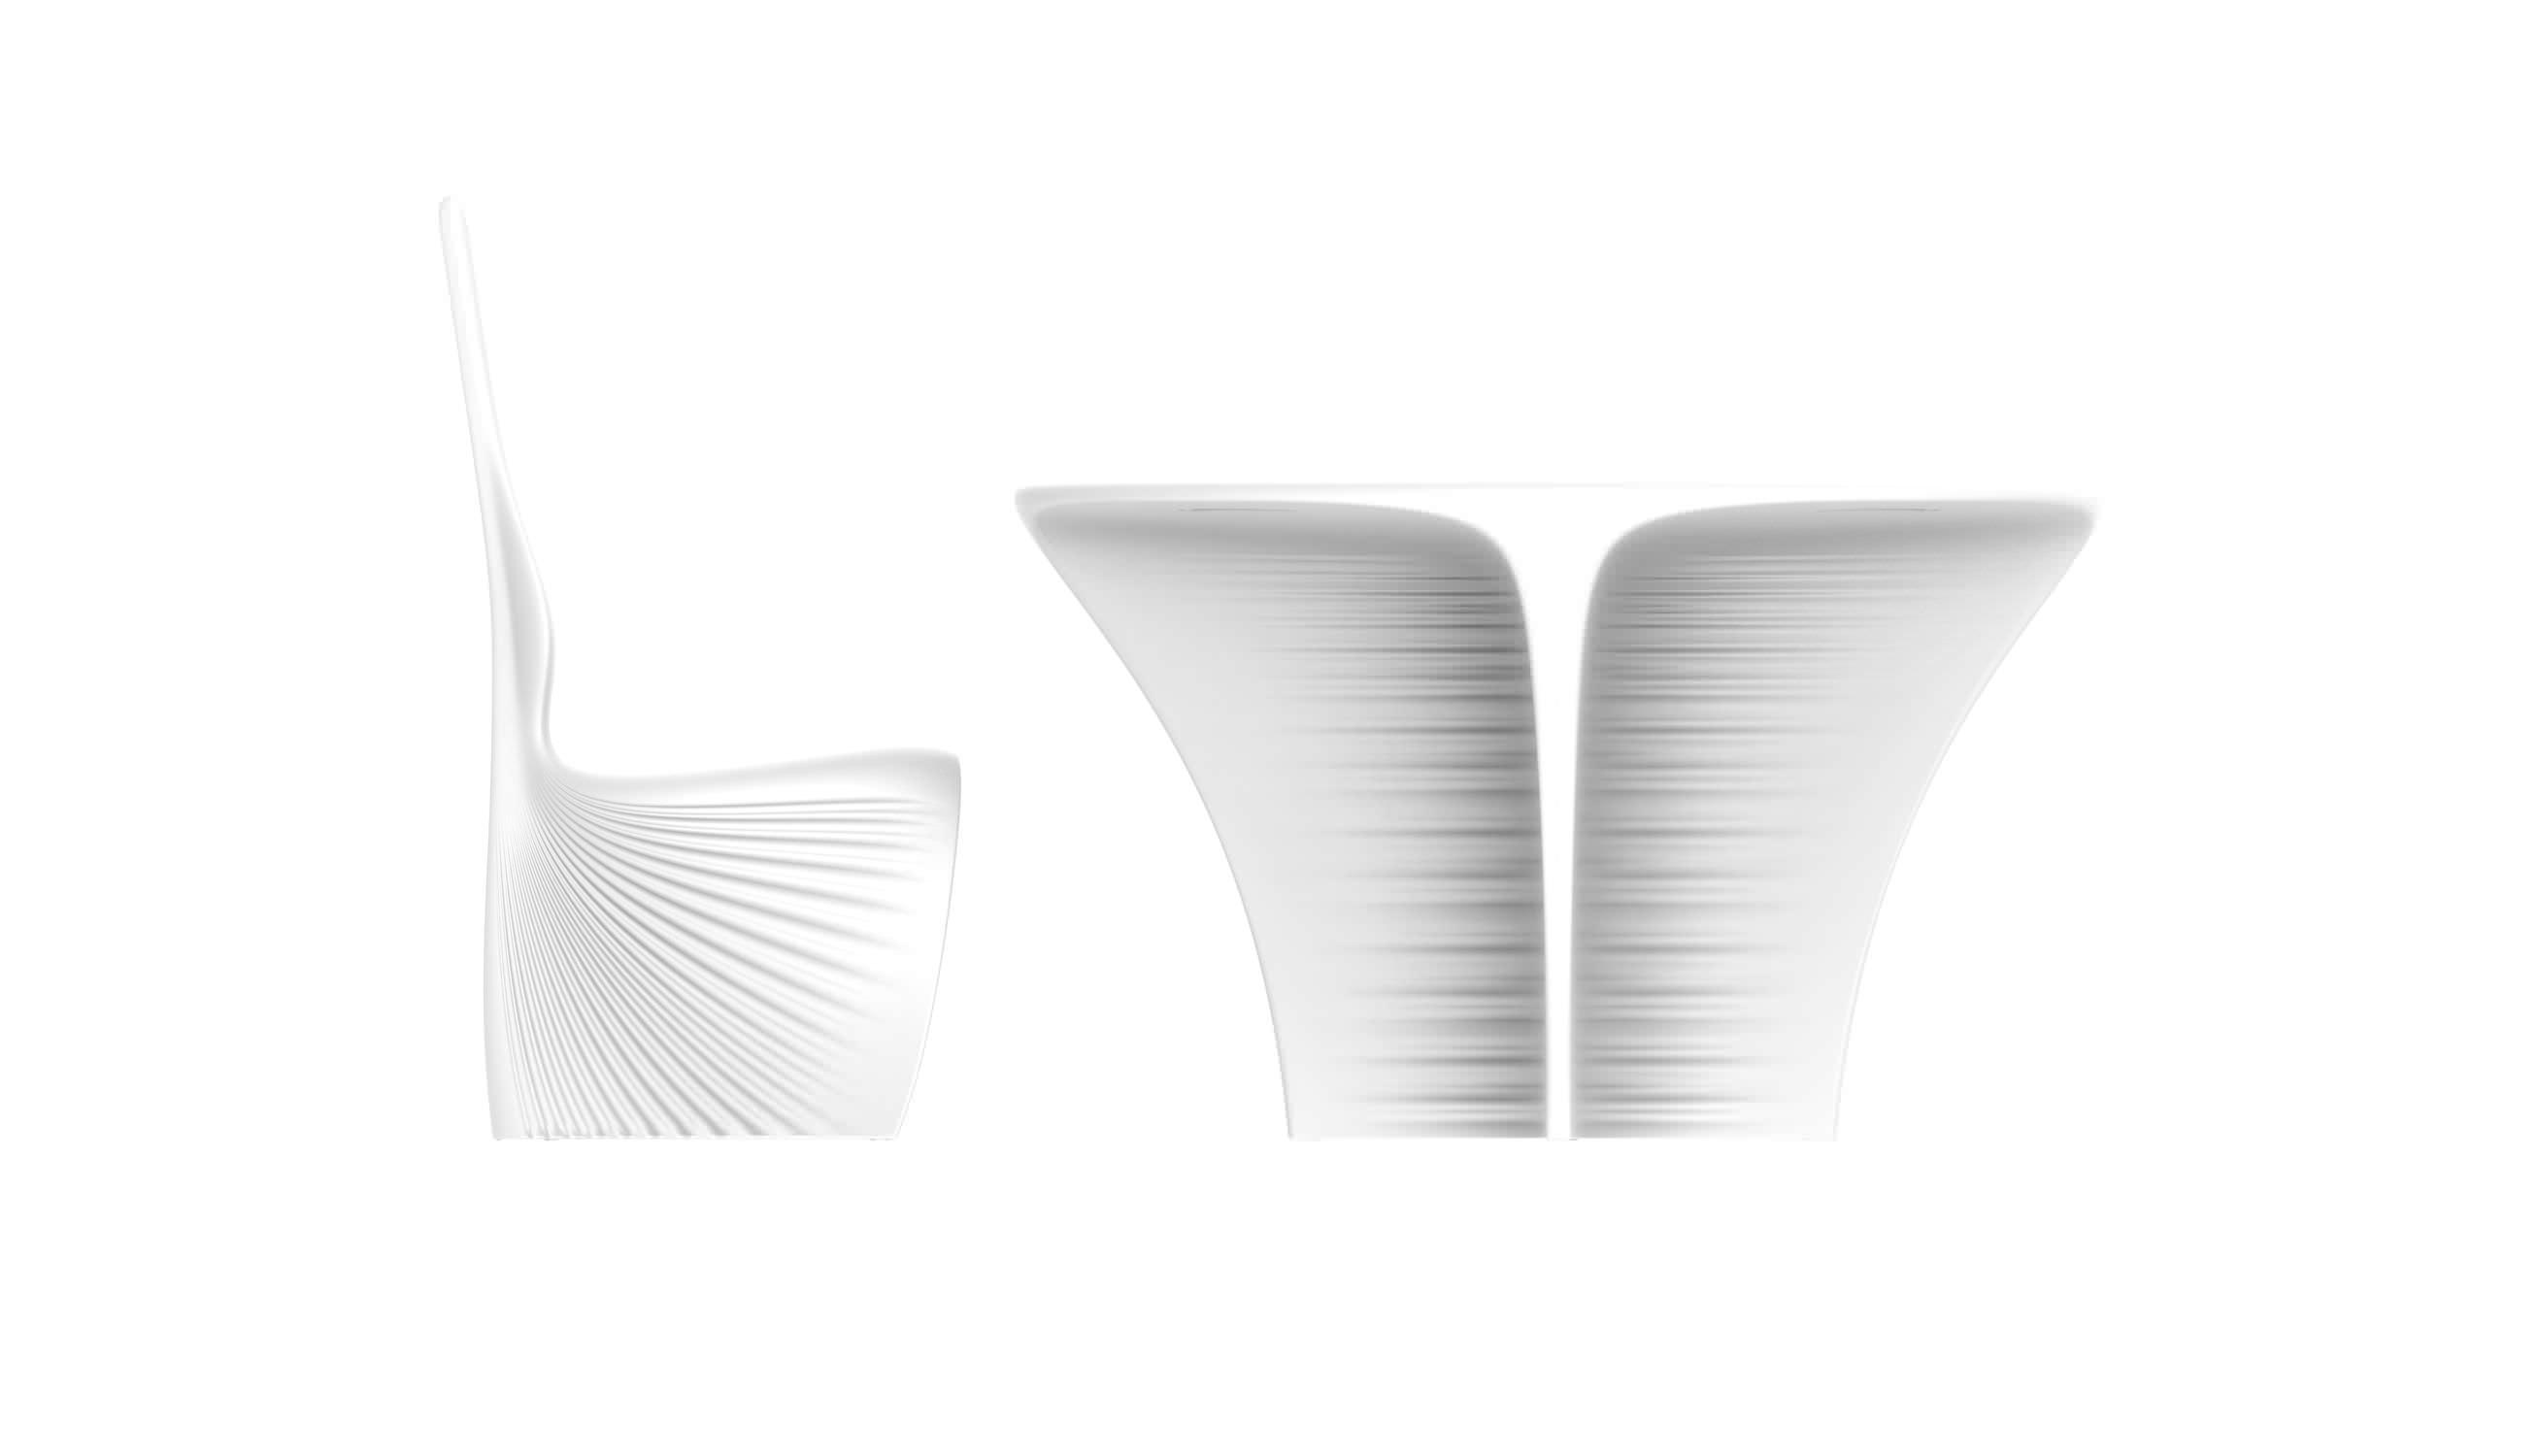 ... Tisch / Organisches Design / Rotationsgesintertes Polyethylen / Rund /  Garten BIOPHILIA VONDOM ...